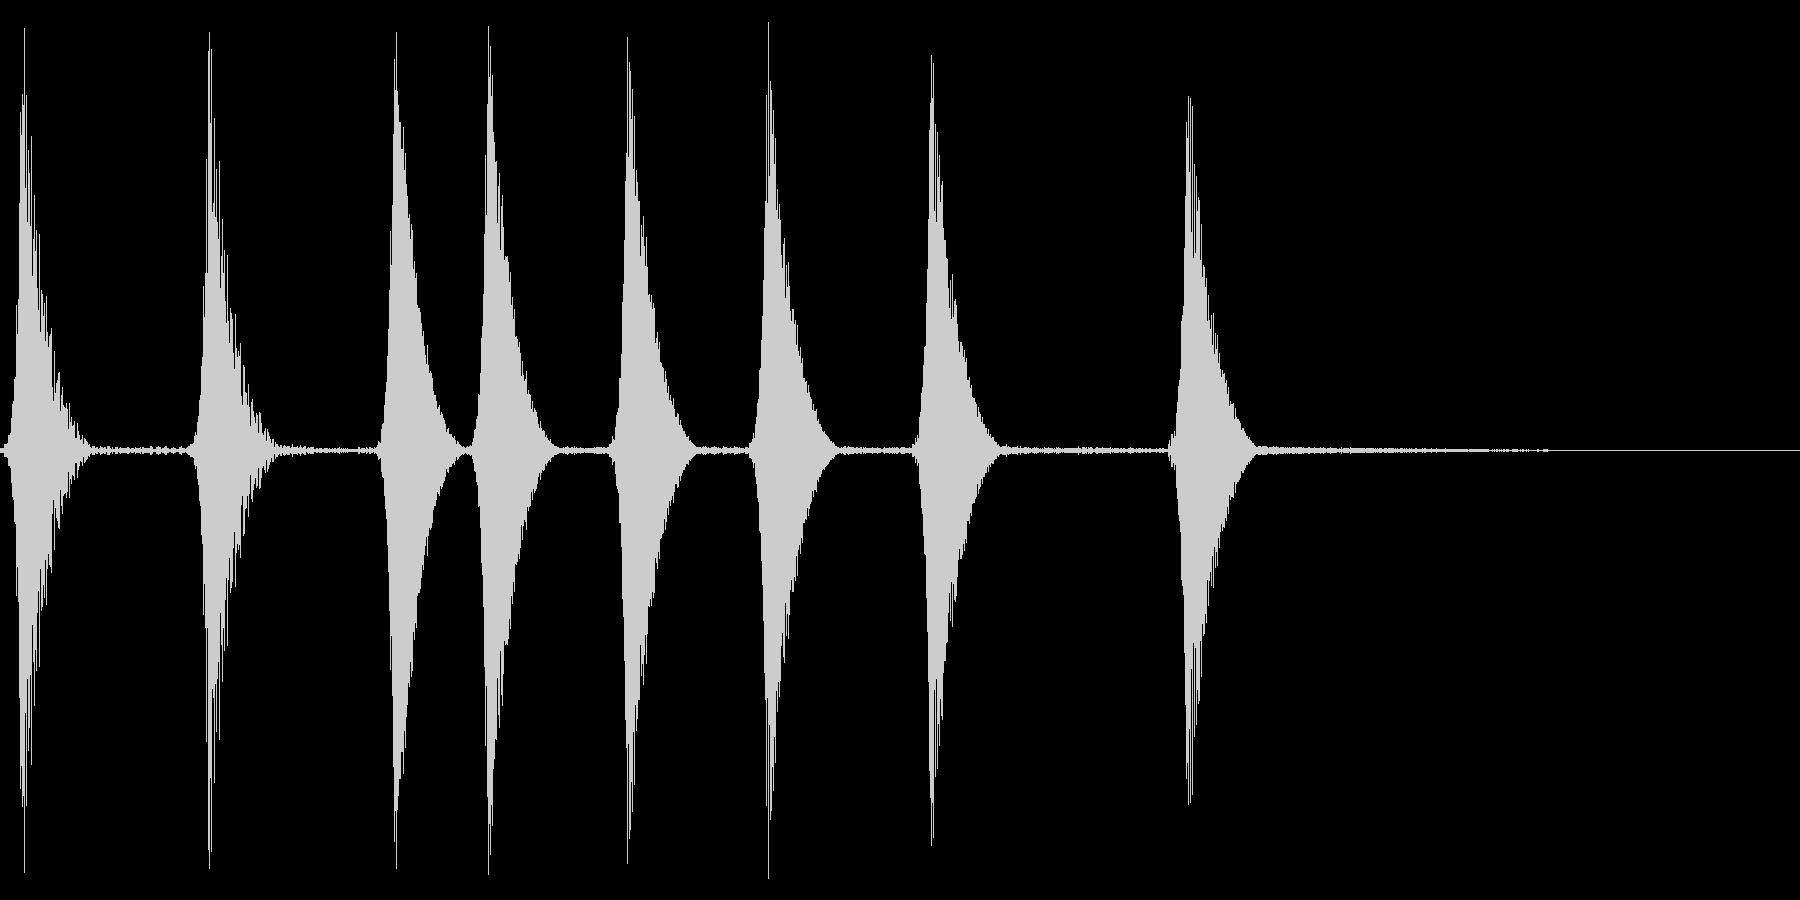 コロコロ。場面転換・めくる音(下降)の未再生の波形